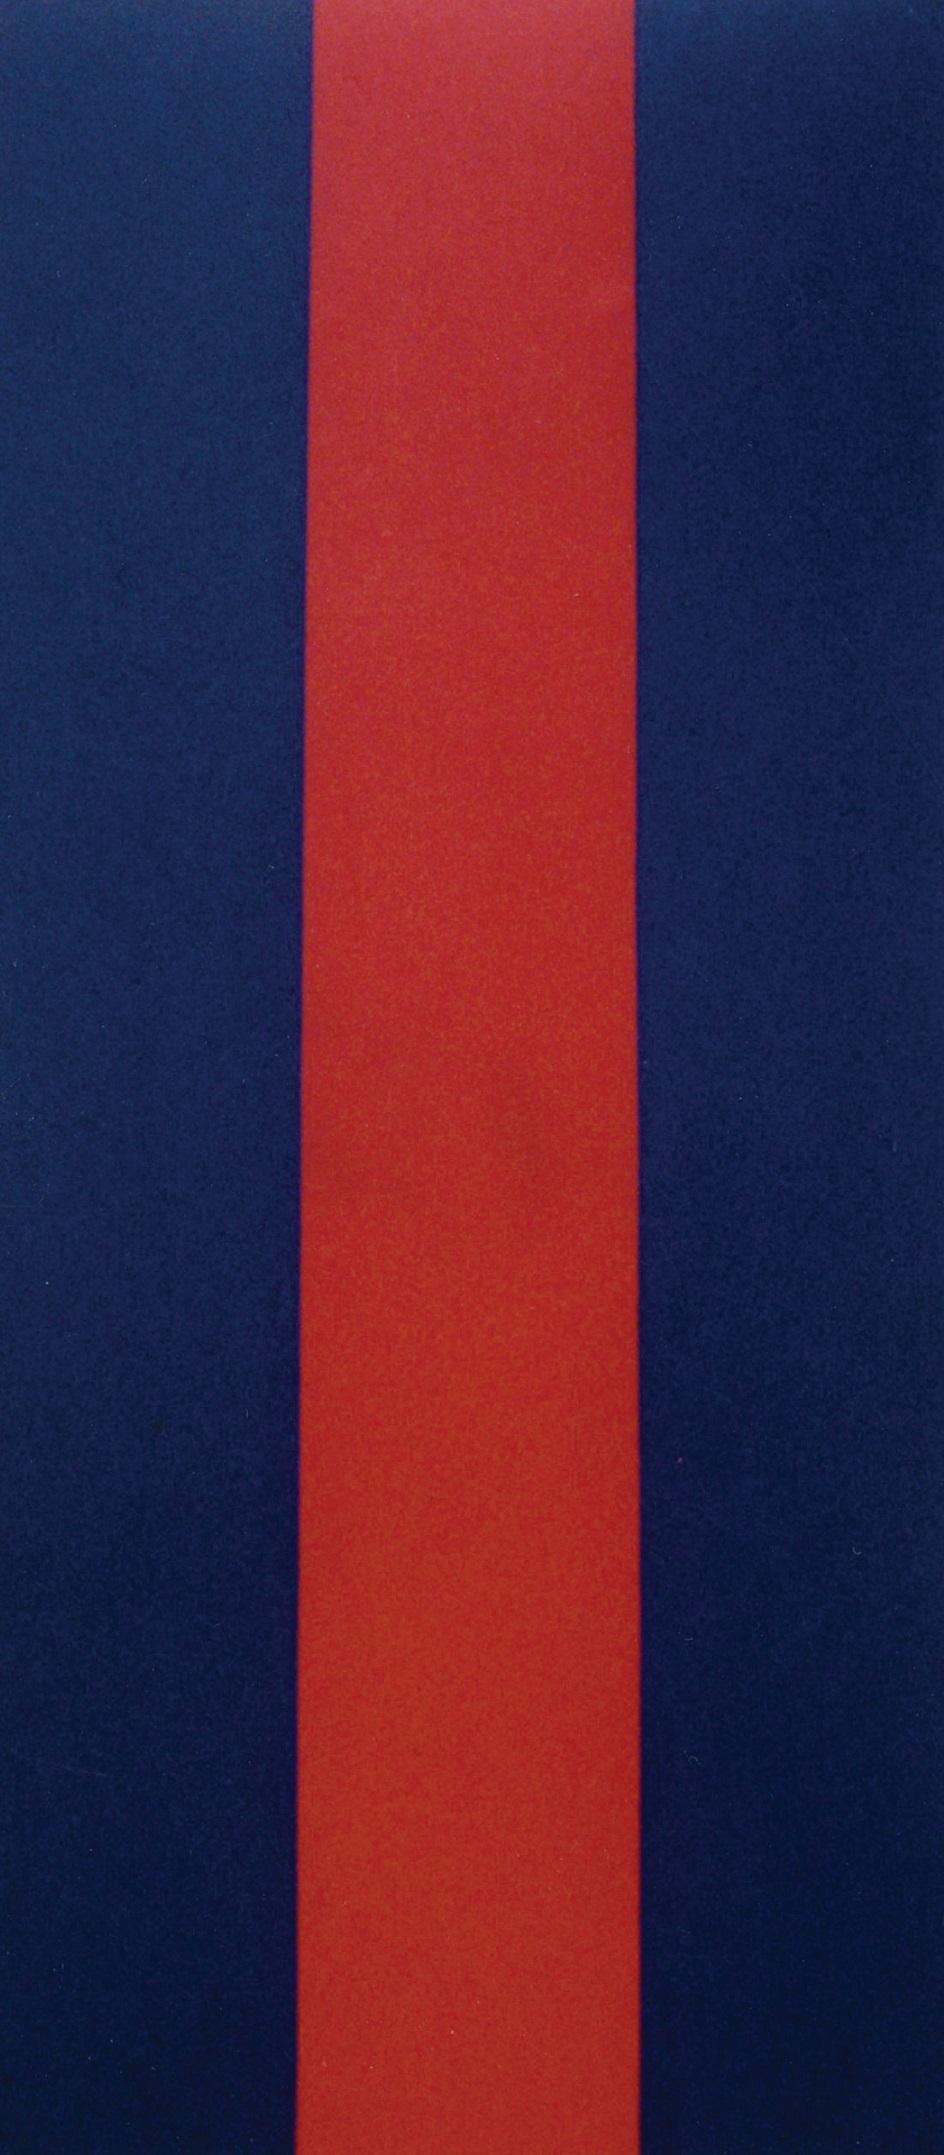 Акрил. Барнетт Ньюман. Голос огня. 1967